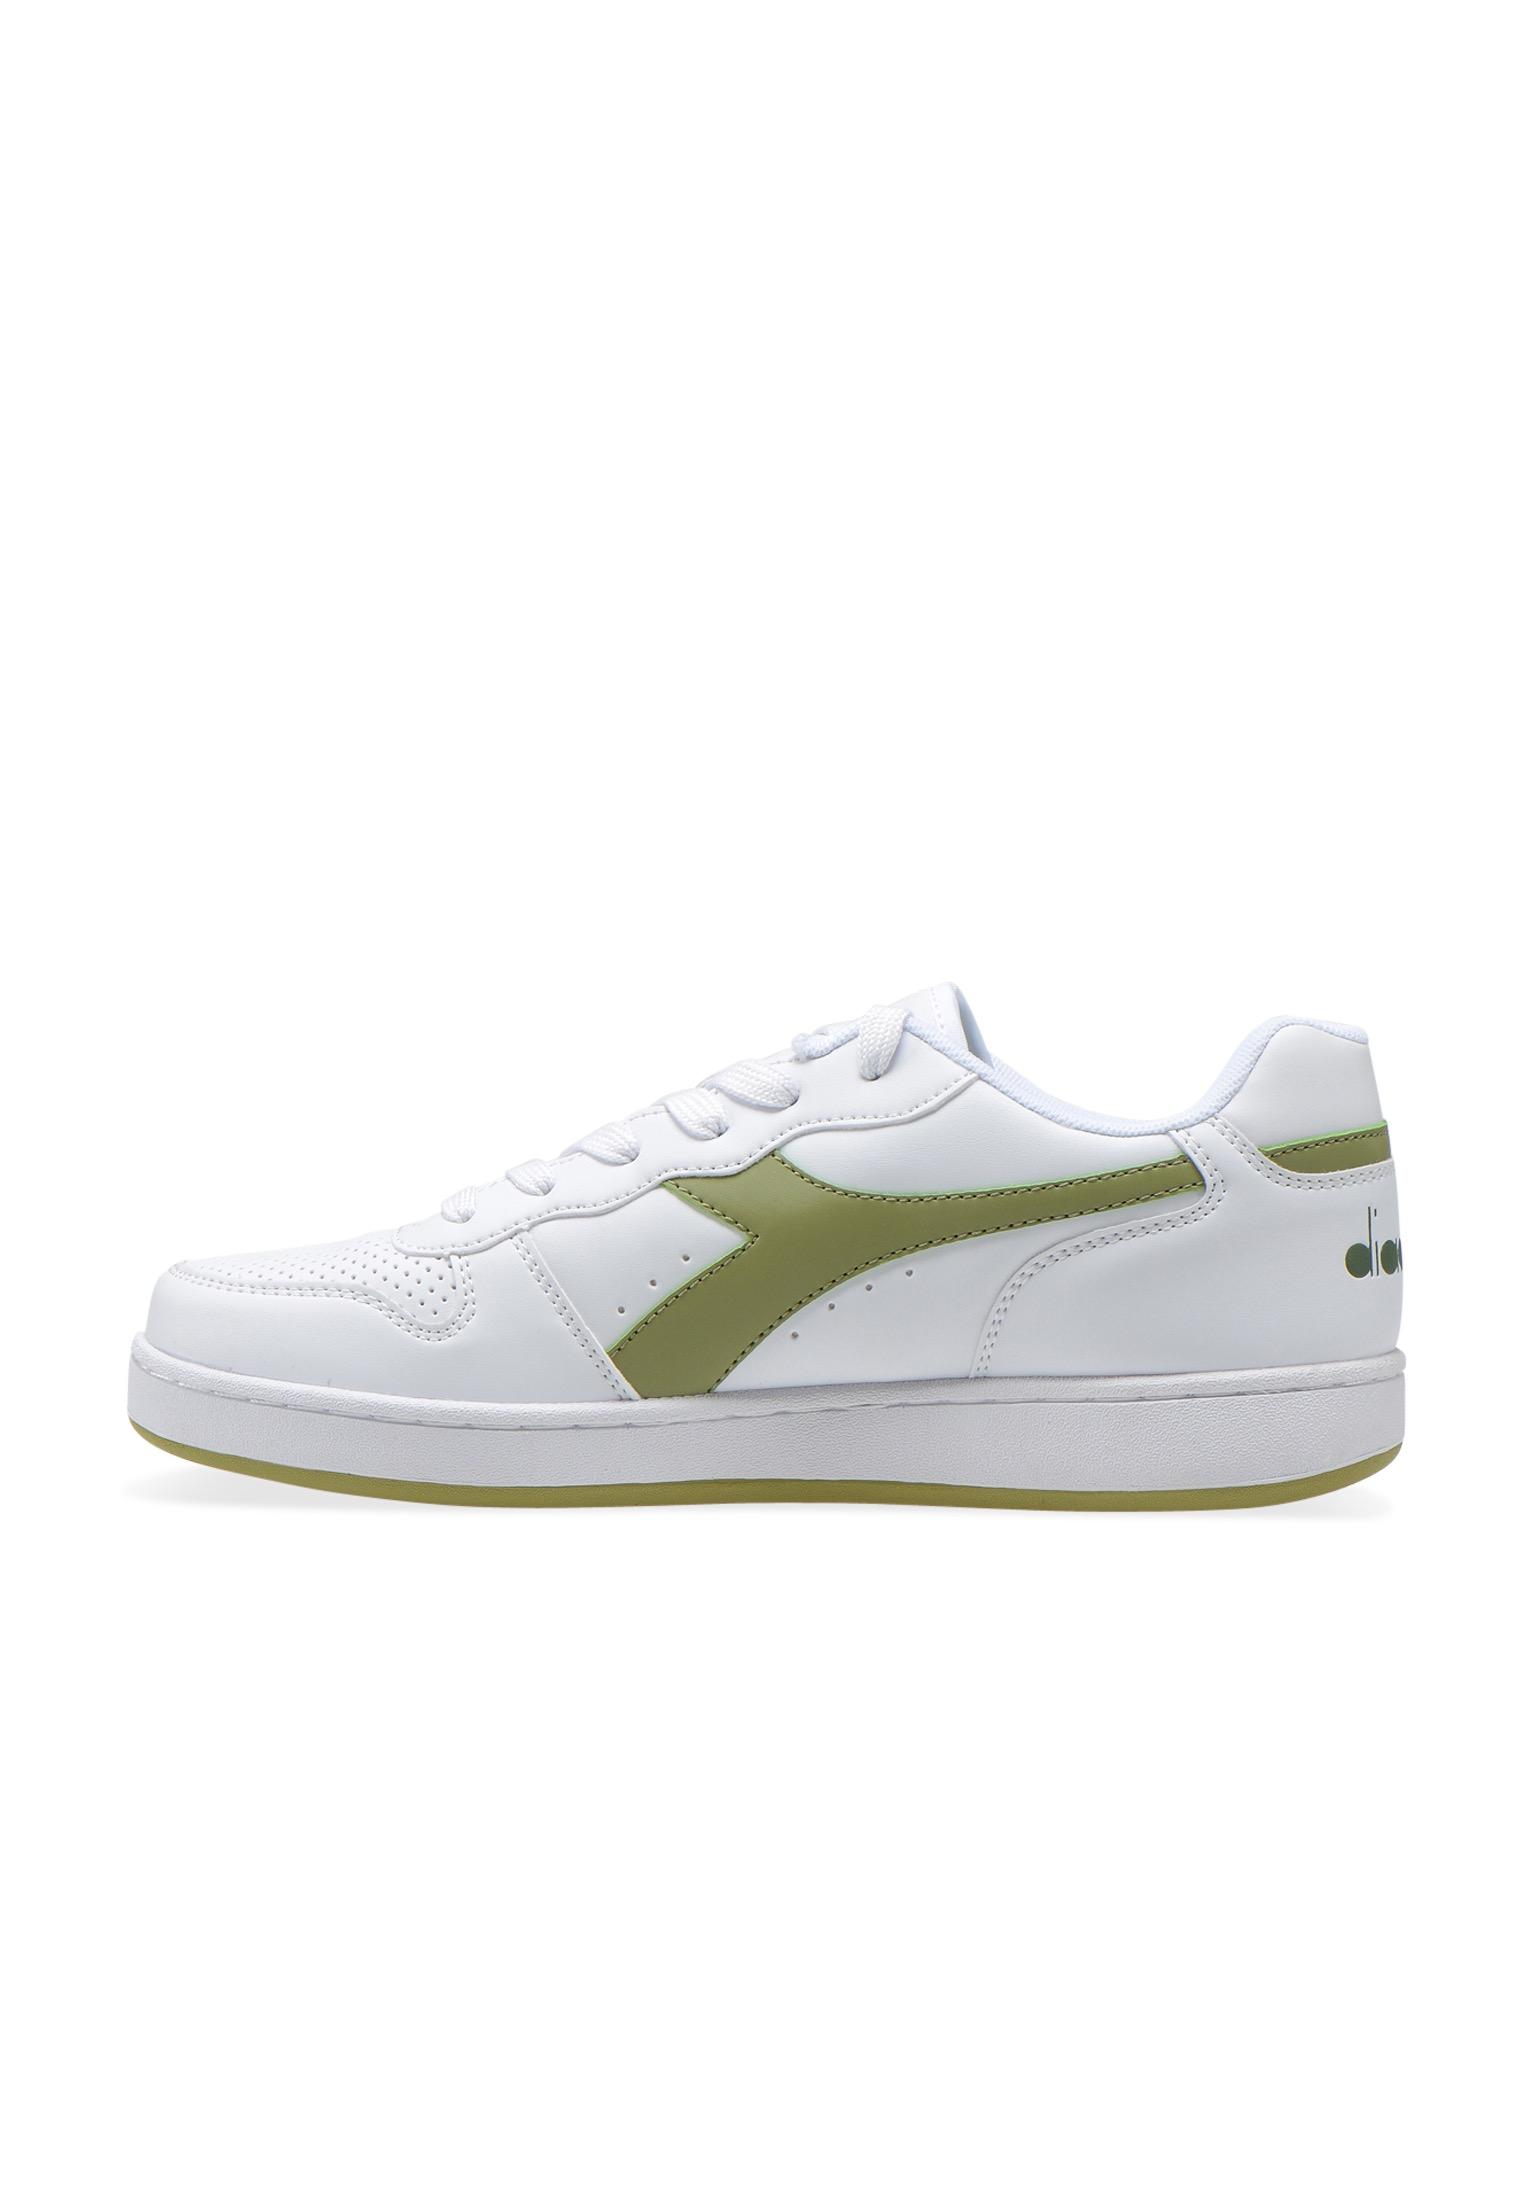 Scarpe-Diadora-Playground-Sneakers-sportive-uomo-donna-vari-colori-piu-taglie miniatura 33